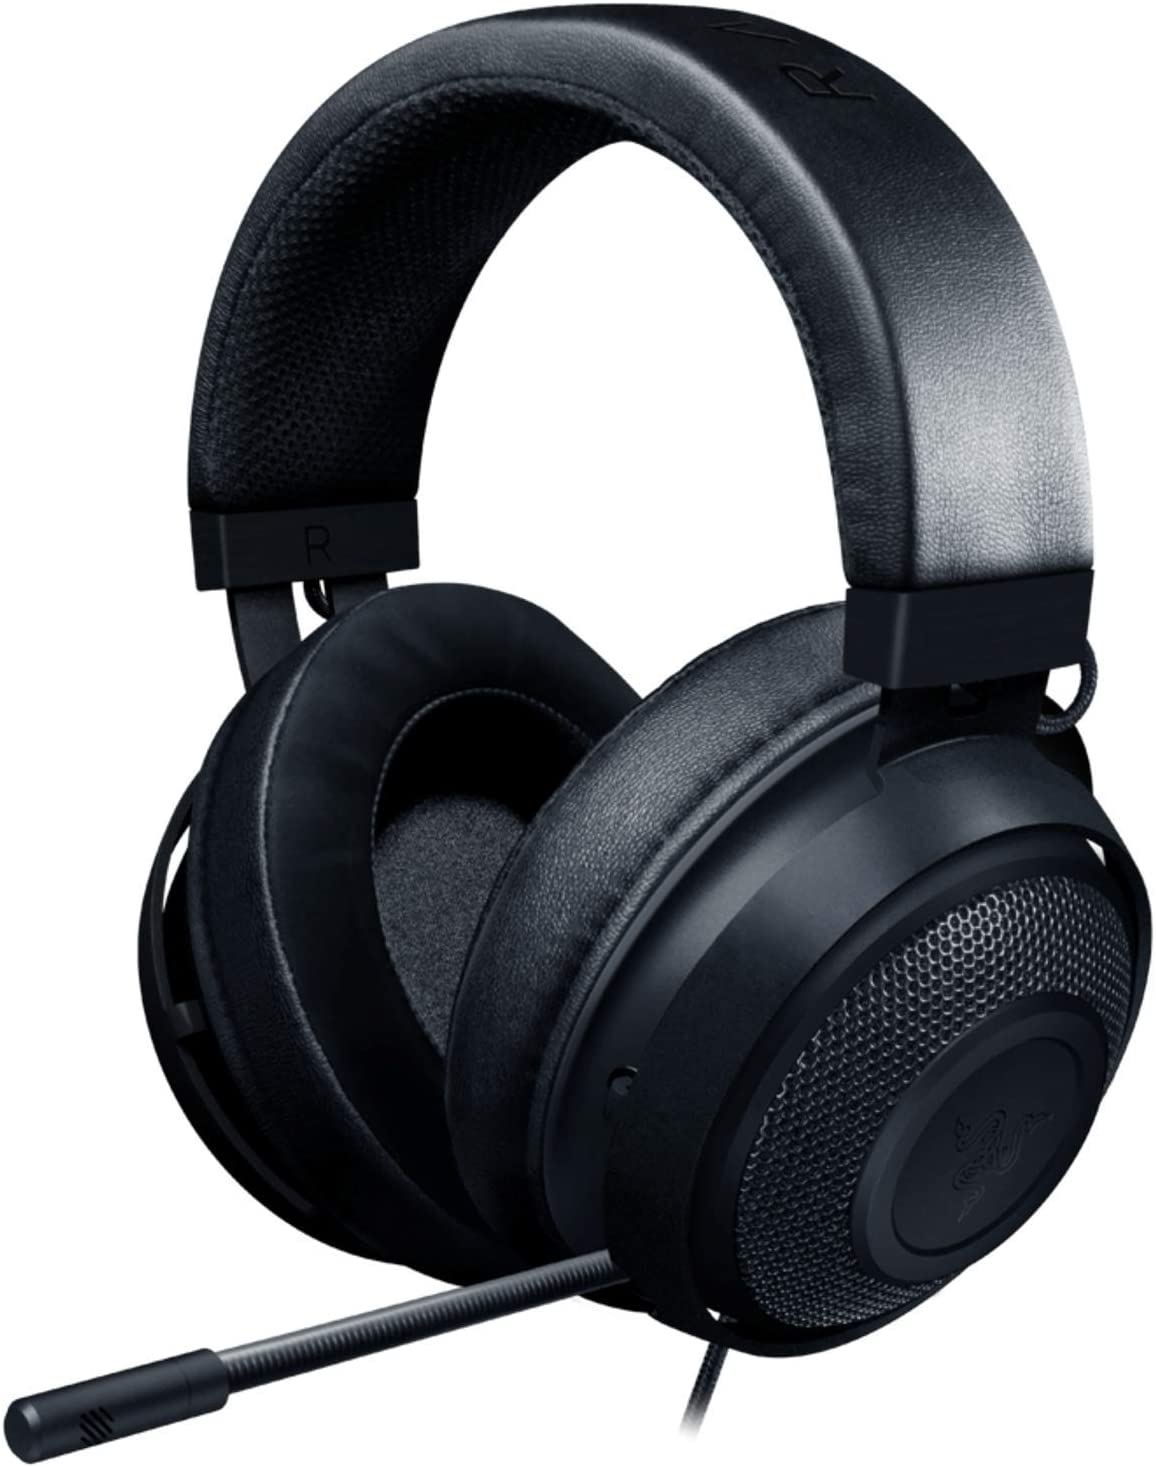 Razer Kraken - Best microphones for PS5